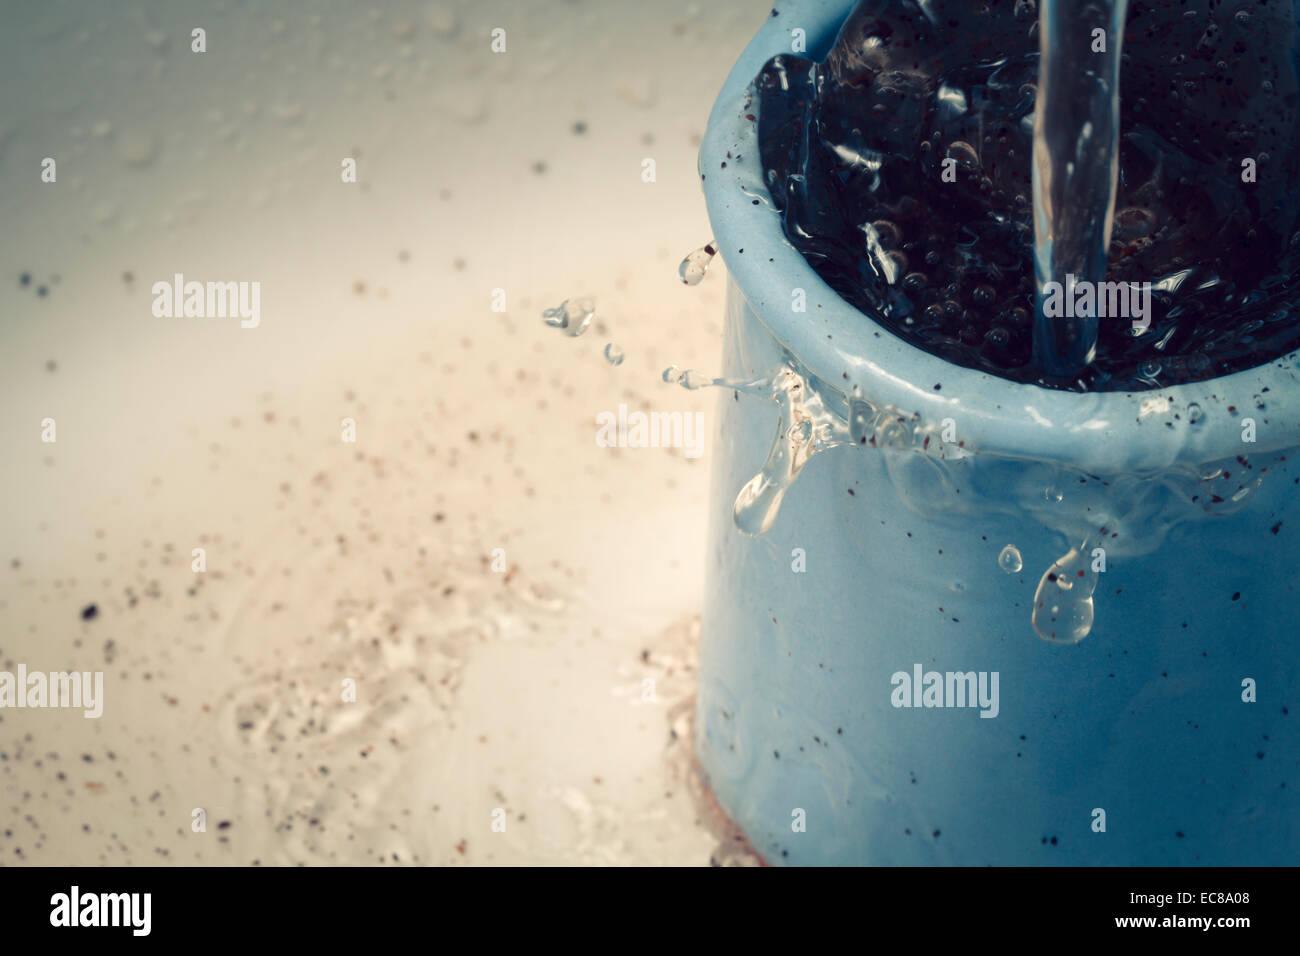 Contenitore a bicchiere pentola con motivi di caffè e movimento di acqua Immagini Stock